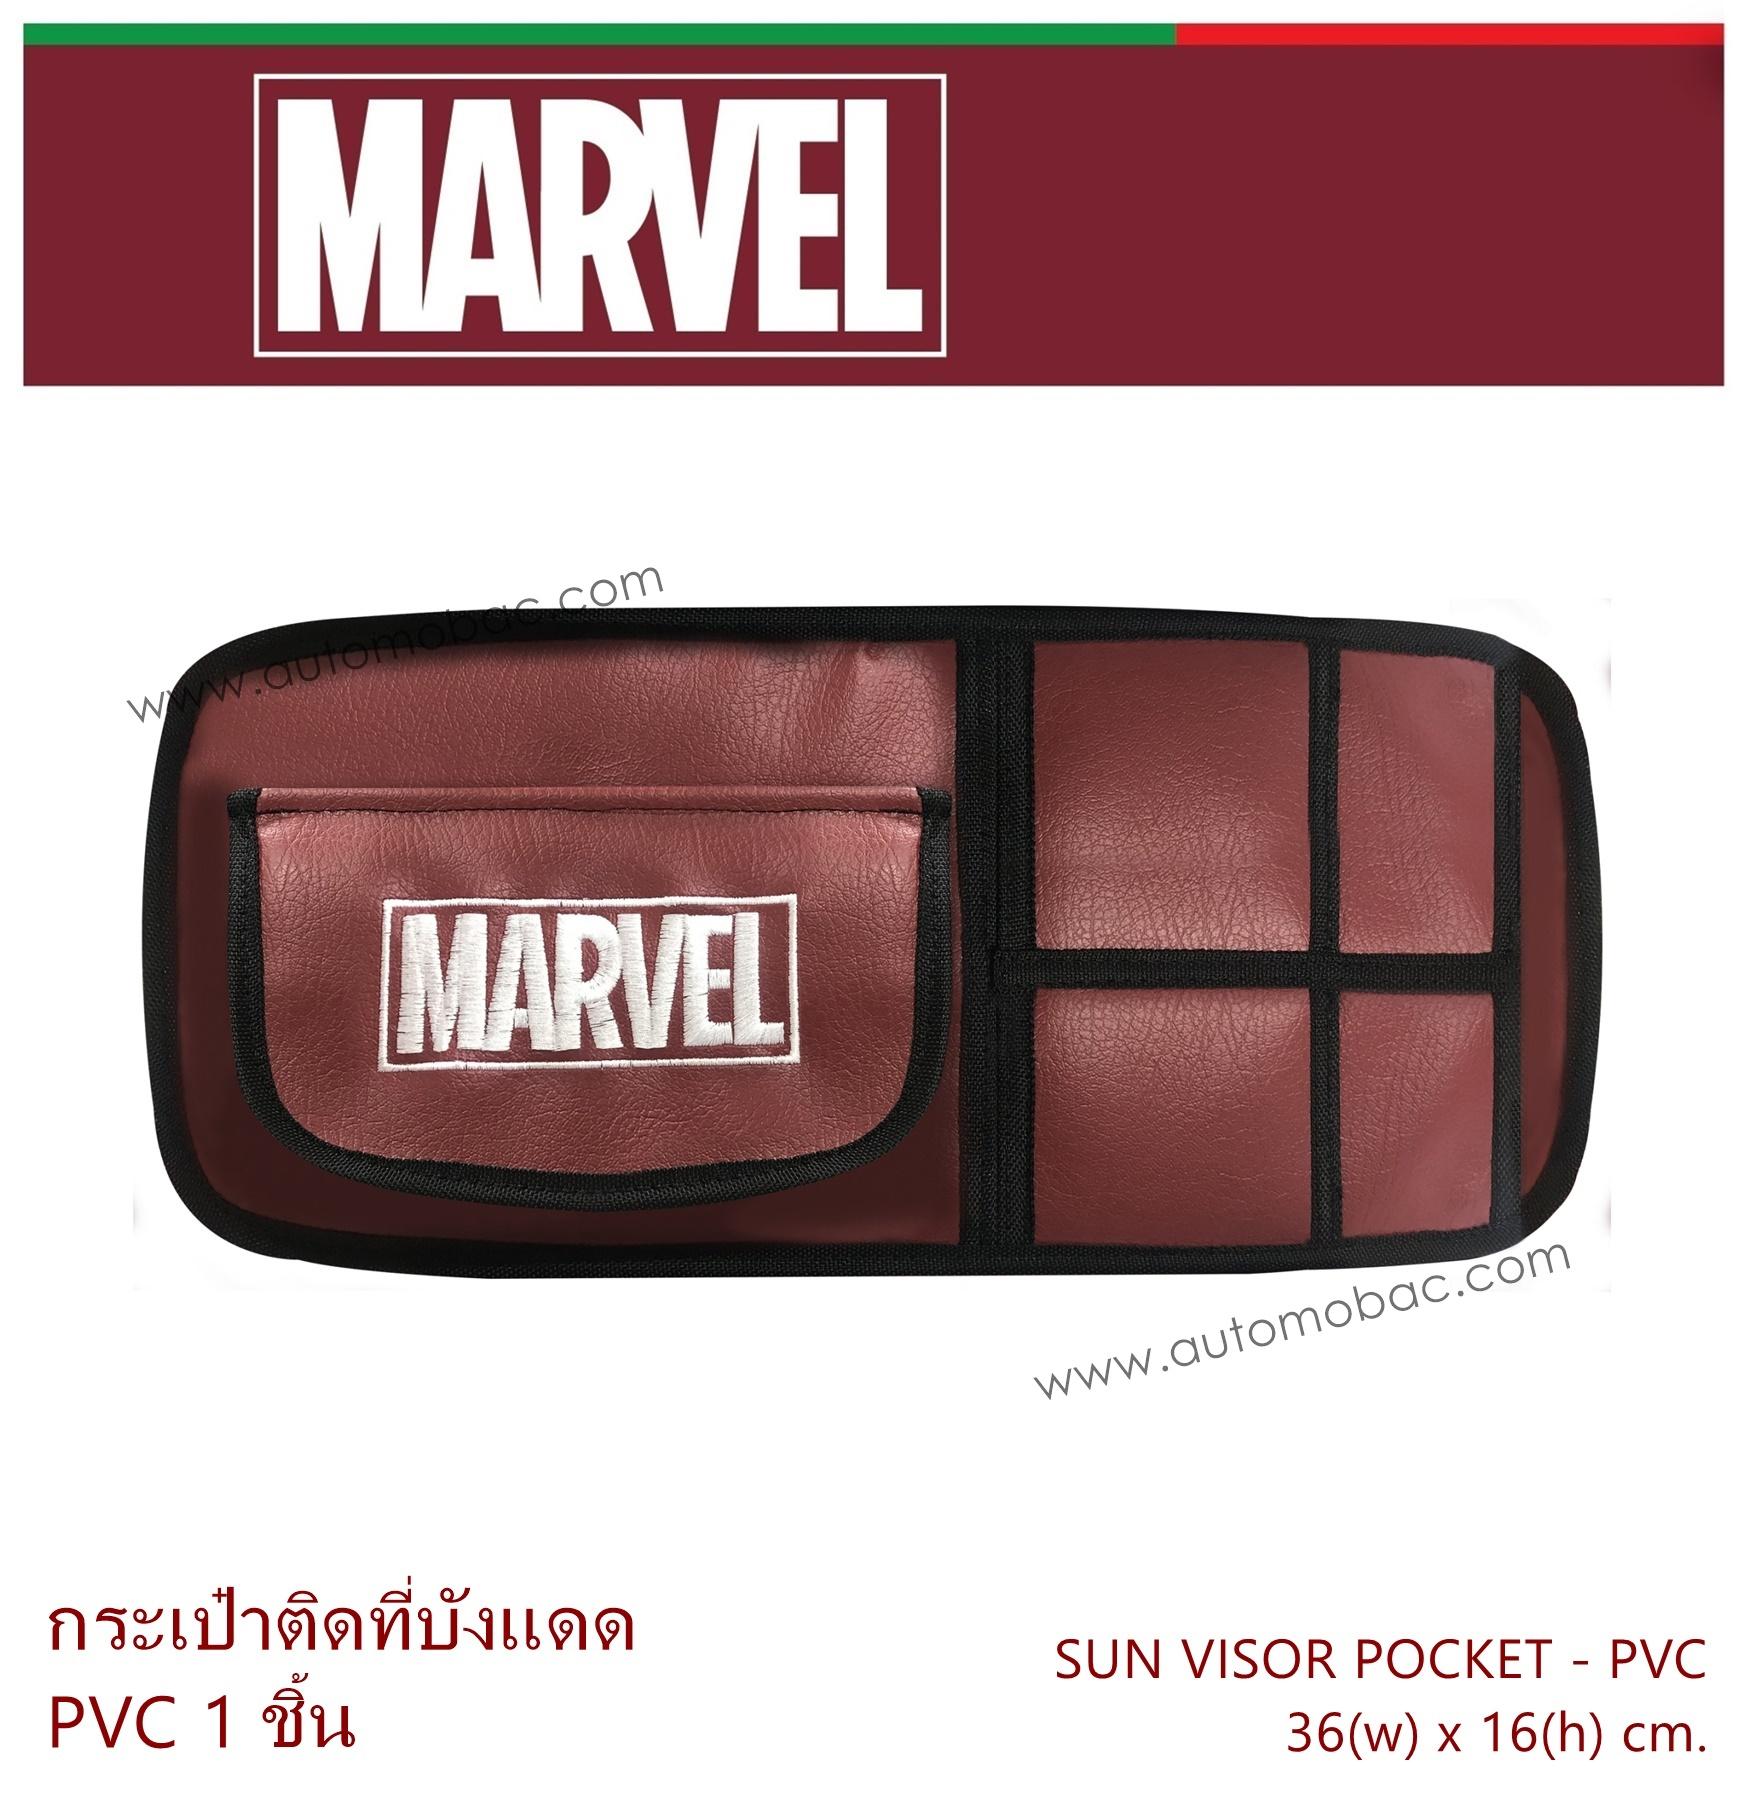 MARVEL กระเป๋าติดที่บังแดด 1 ชิ้น หนัง PVC มีที่ใส่แว่นตา และนามบัตร ช่วยจัดระเบียบ หยิบใช้สะดวก  ทำ